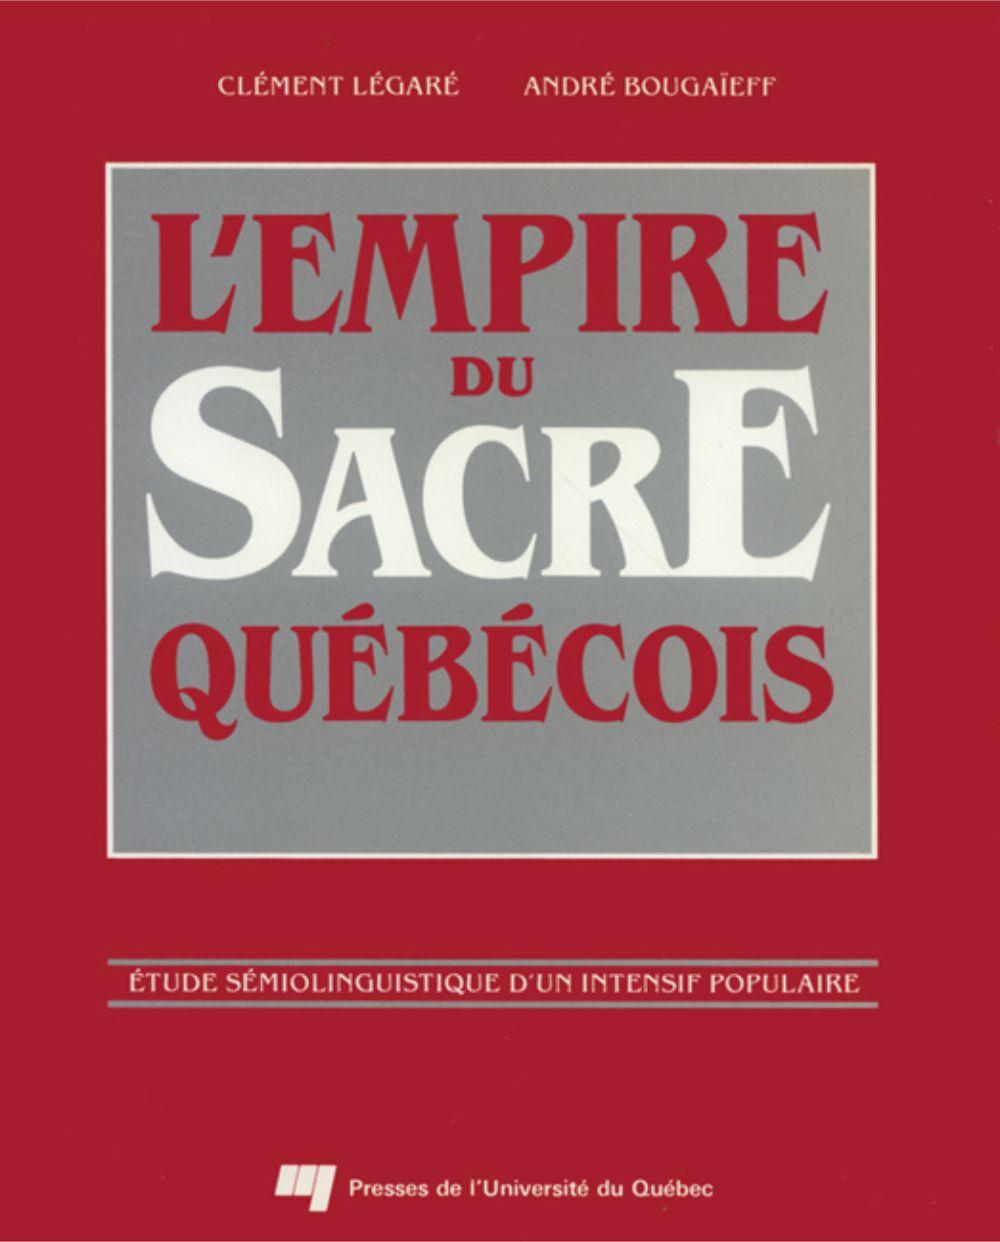 L'empire du sacre québécois